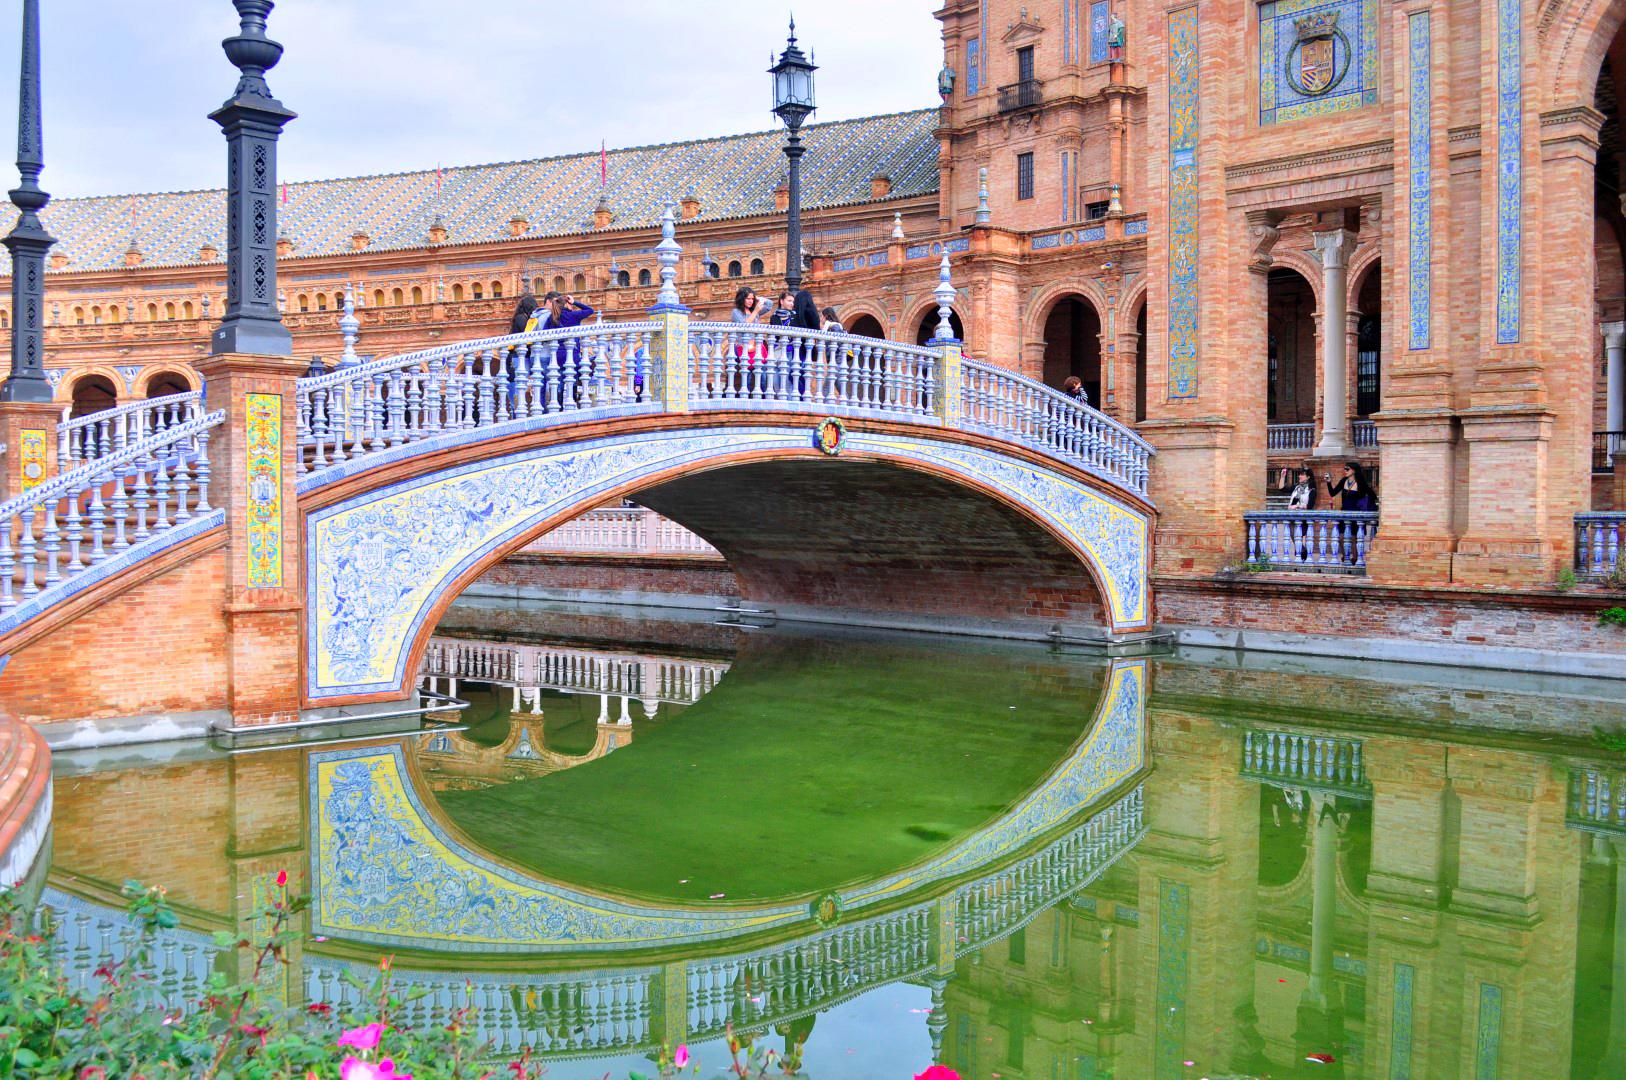 Qué ver en Sevilla, España - What to see in Sevilla, Spain qué ver en sevilla - 30706413283 ee52cc6ee9 o - Qué ver en Sevilla